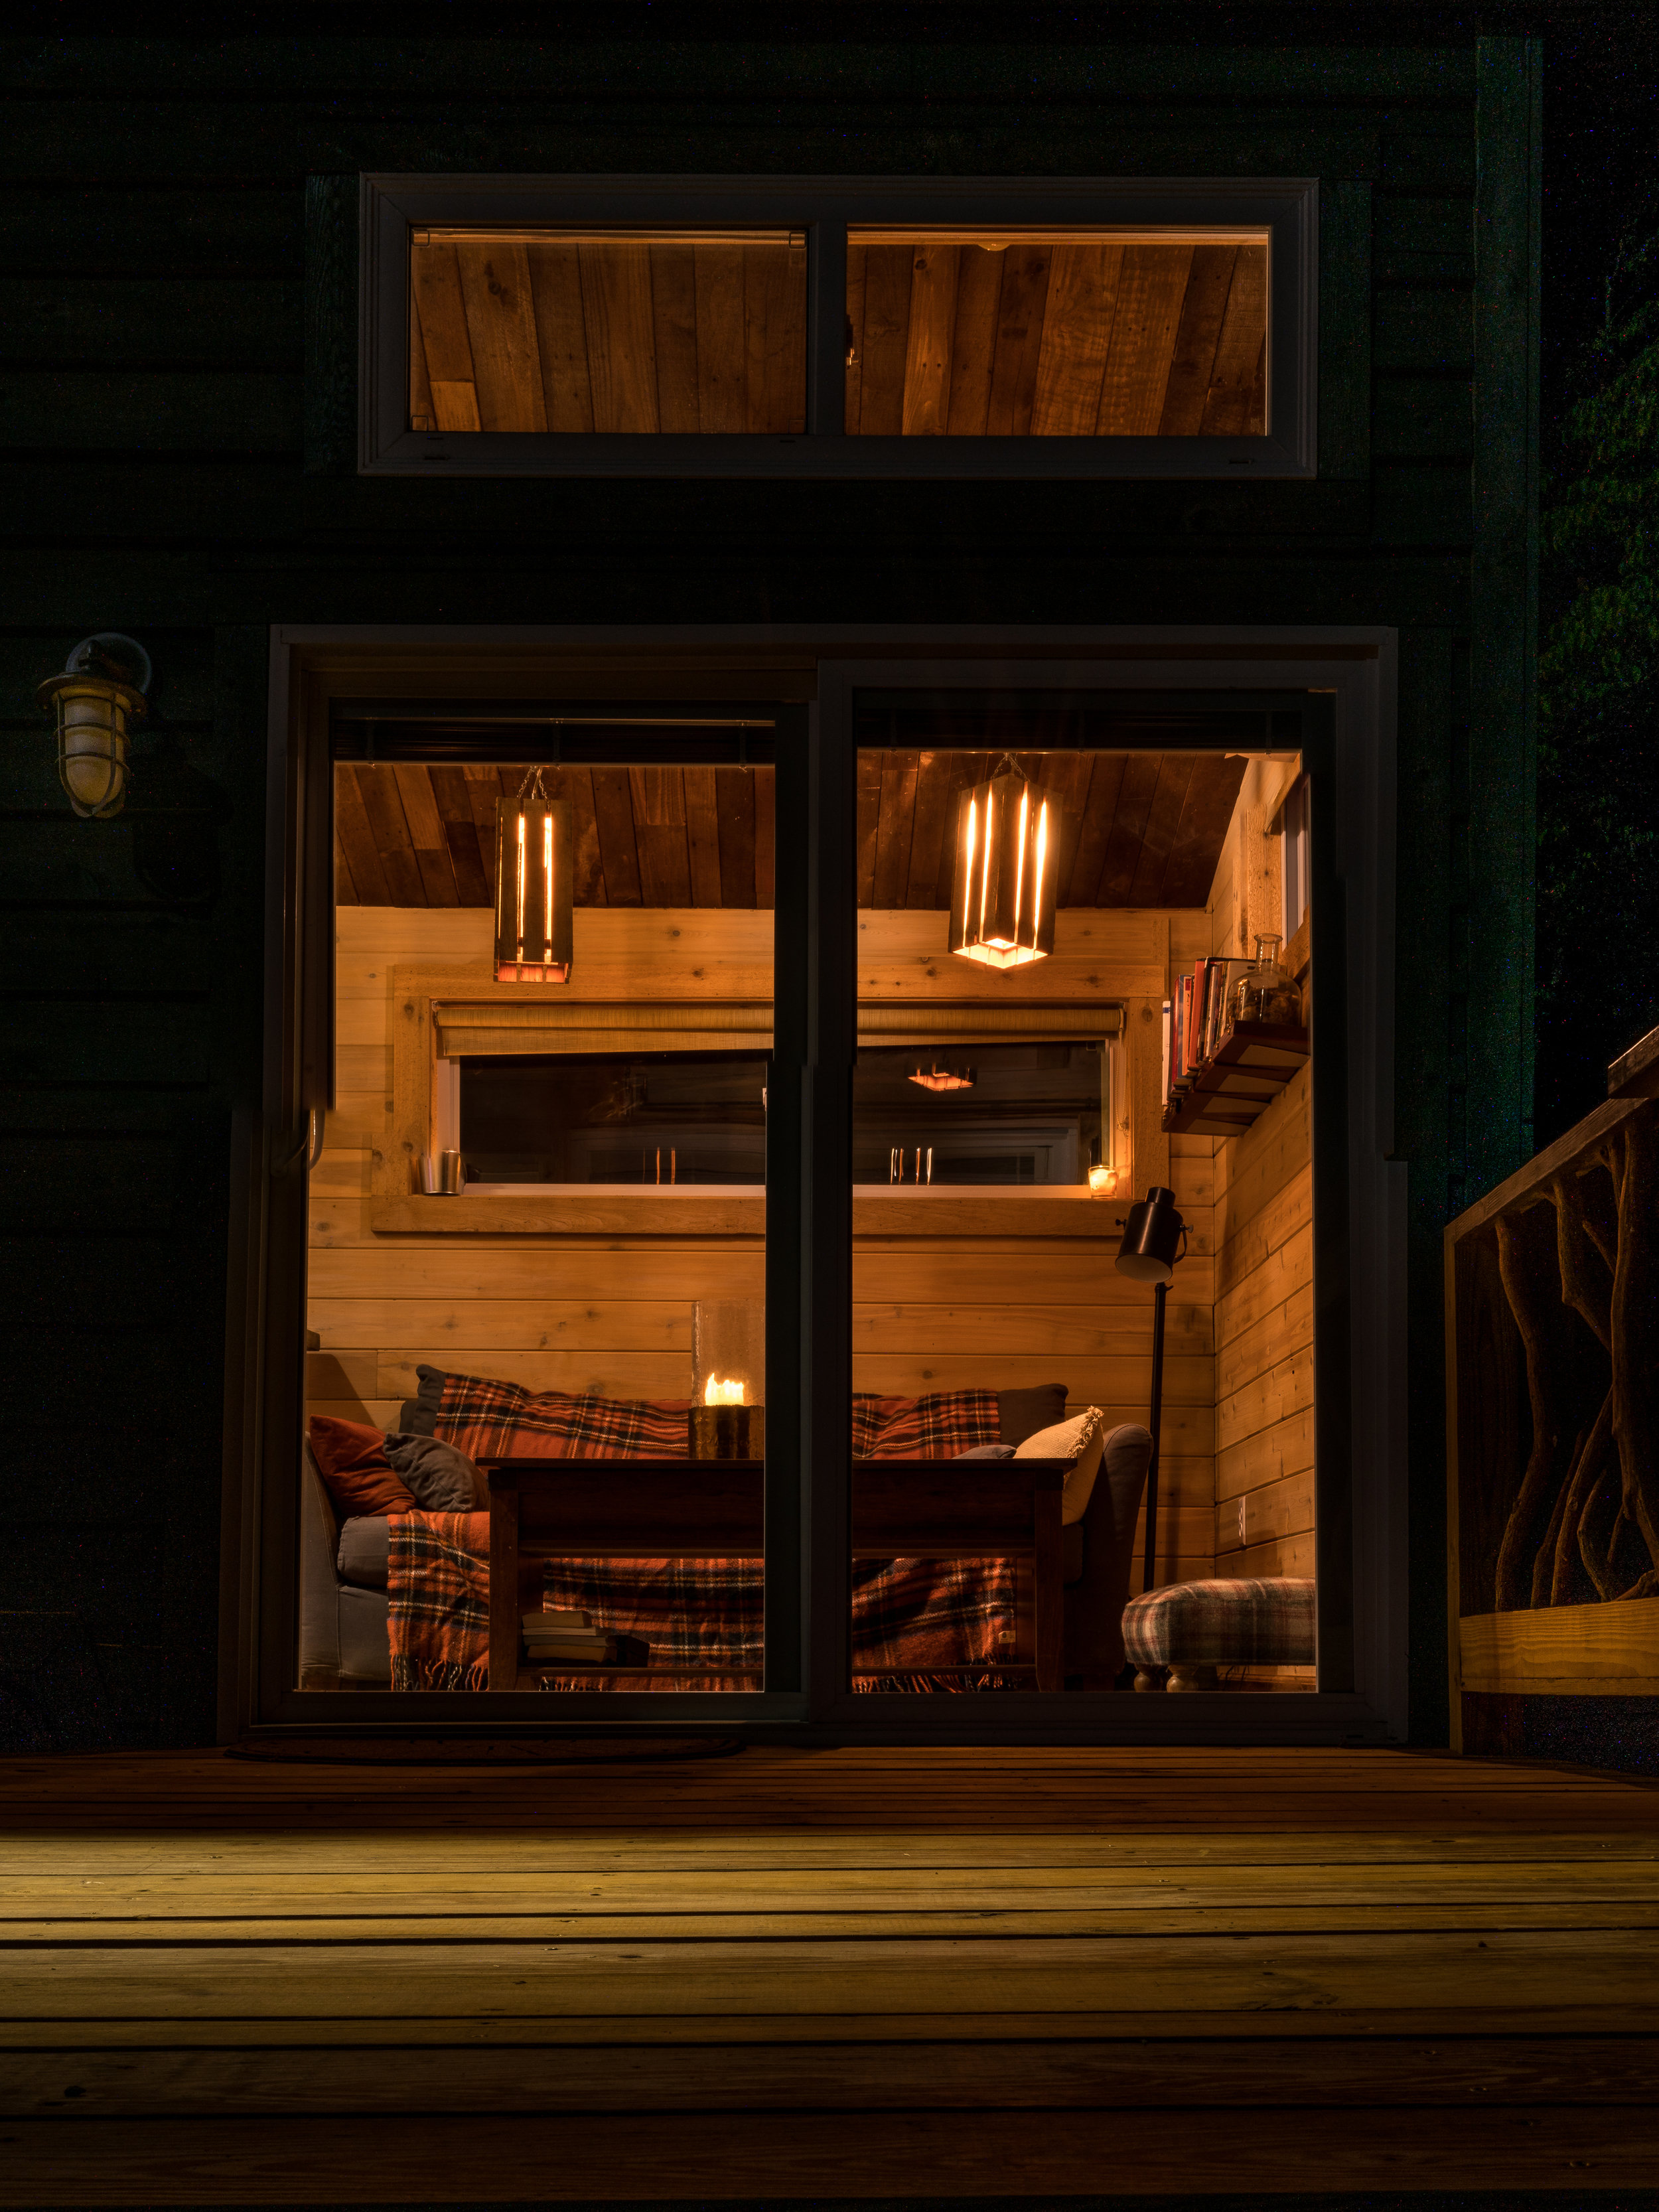 Shangri Front Deck night looking in resized.jpg